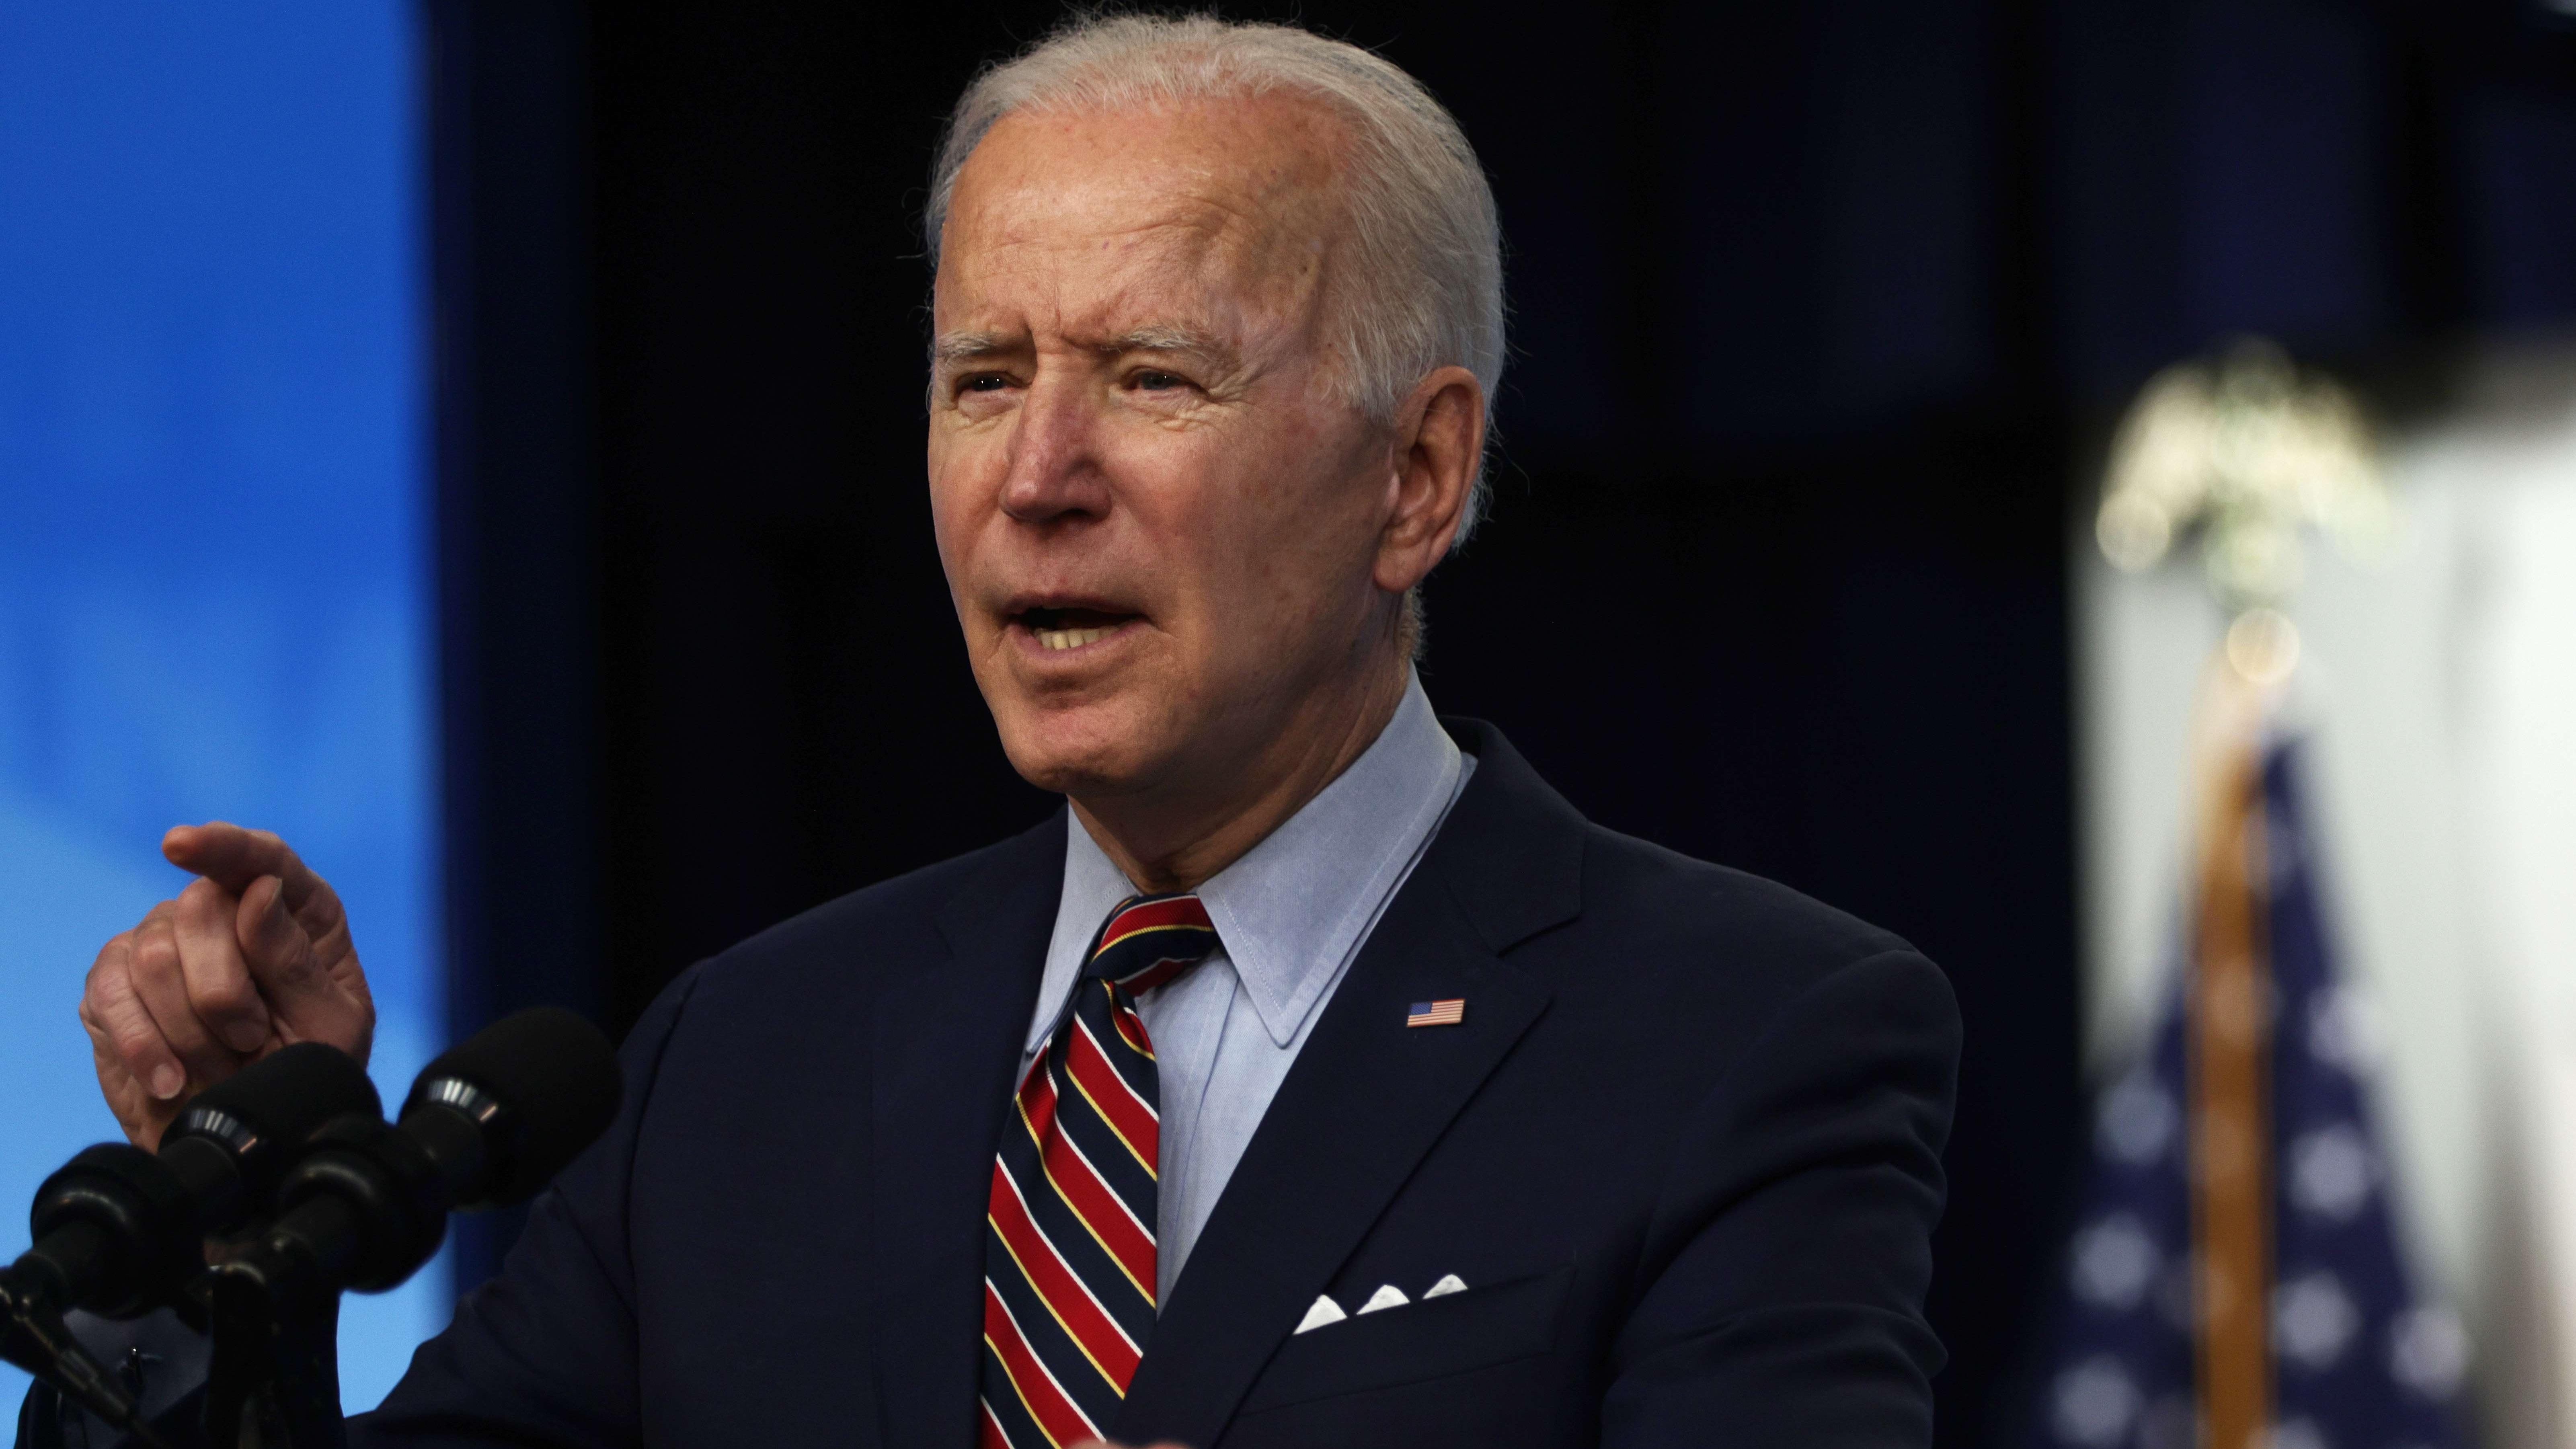 Biden busca recuperar el liderazgo climático para EE UU con un  ambicioso plan de reducción de emisiones